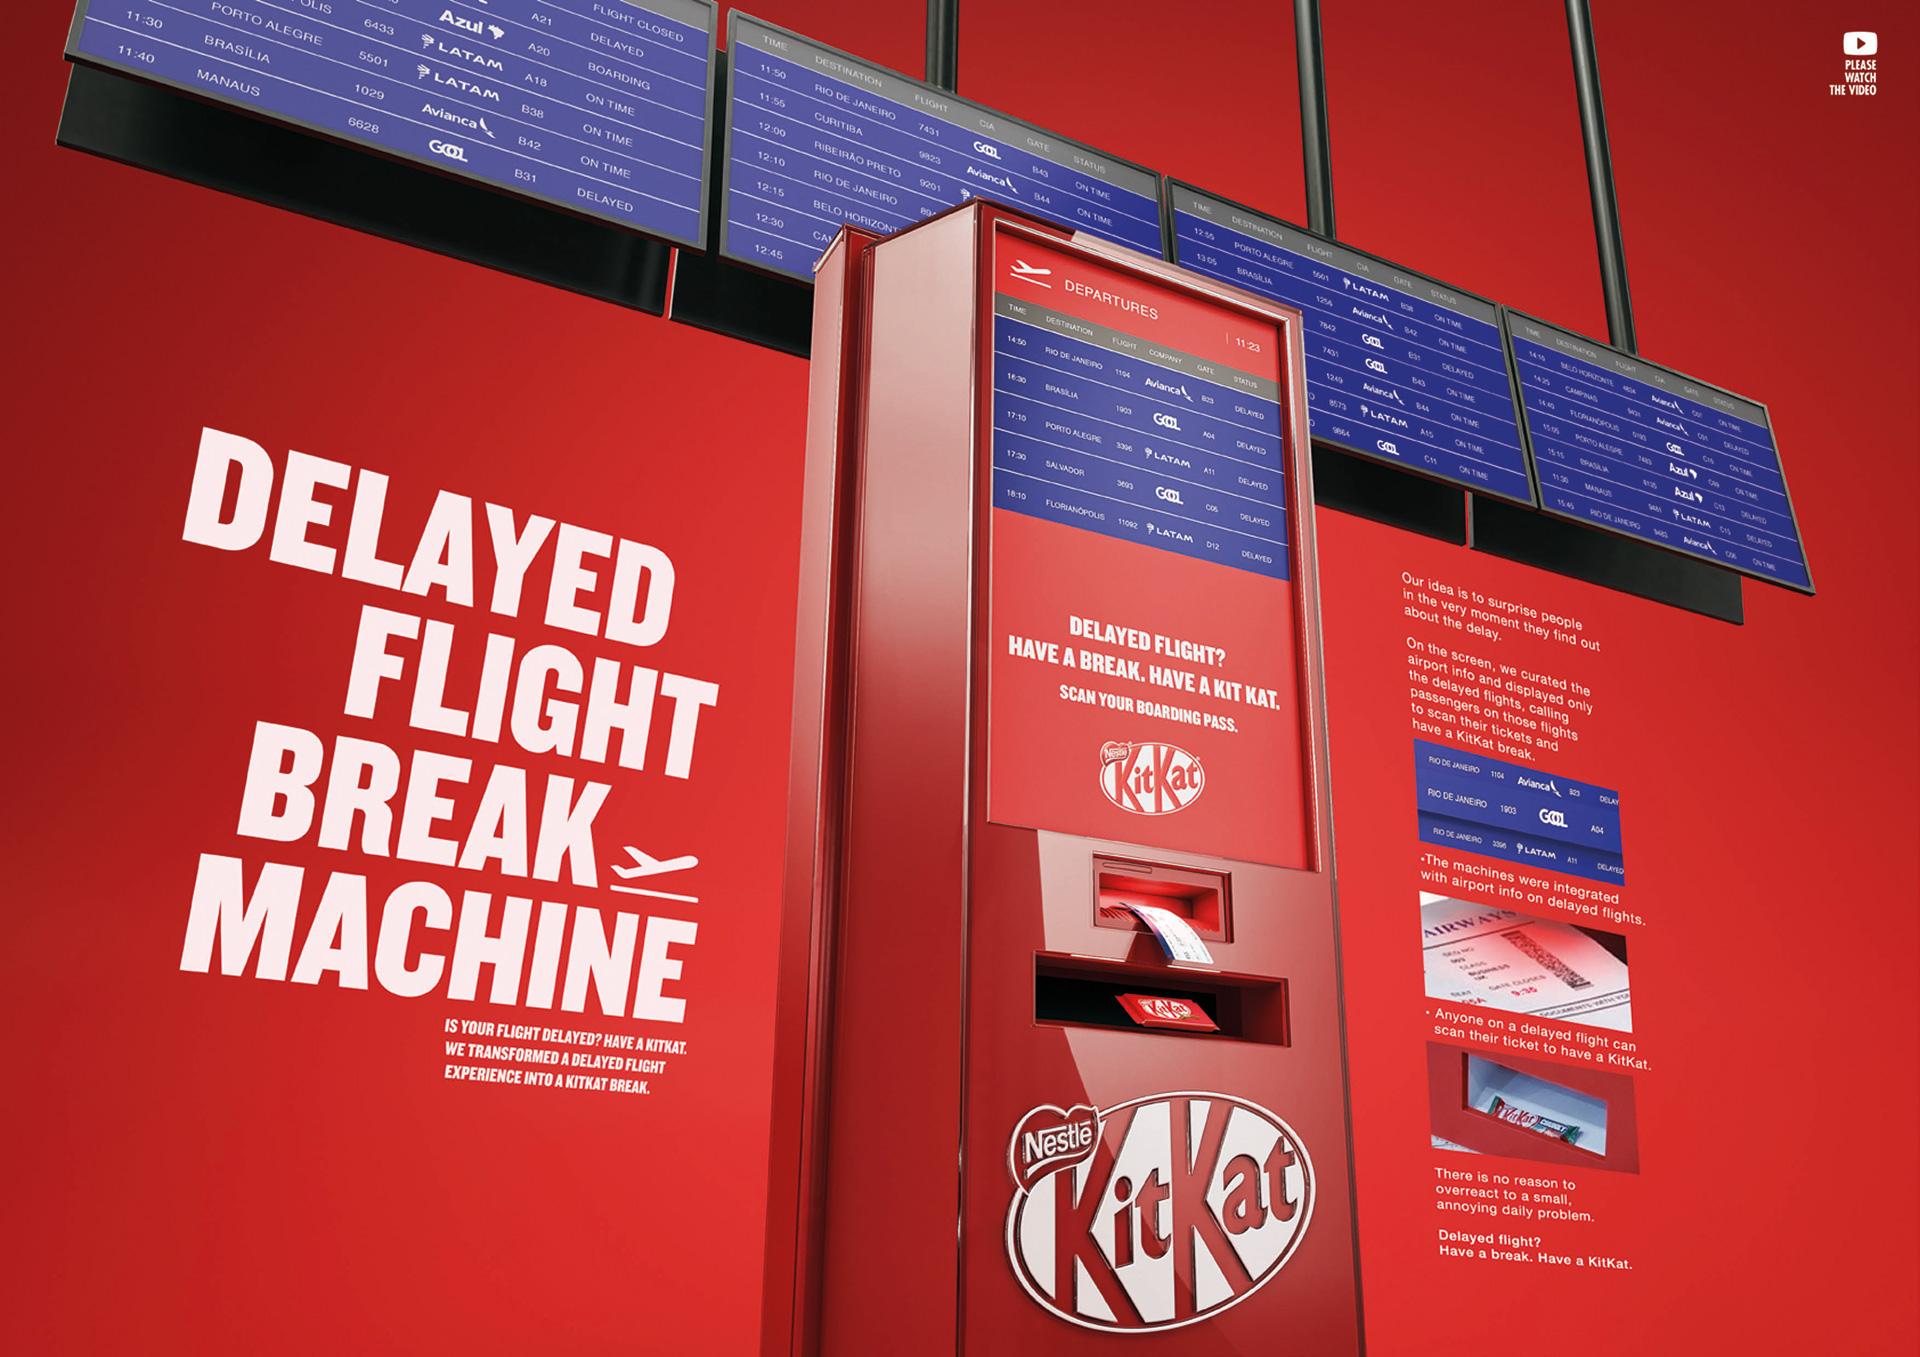 KitKat Delayed Flight Machine-support